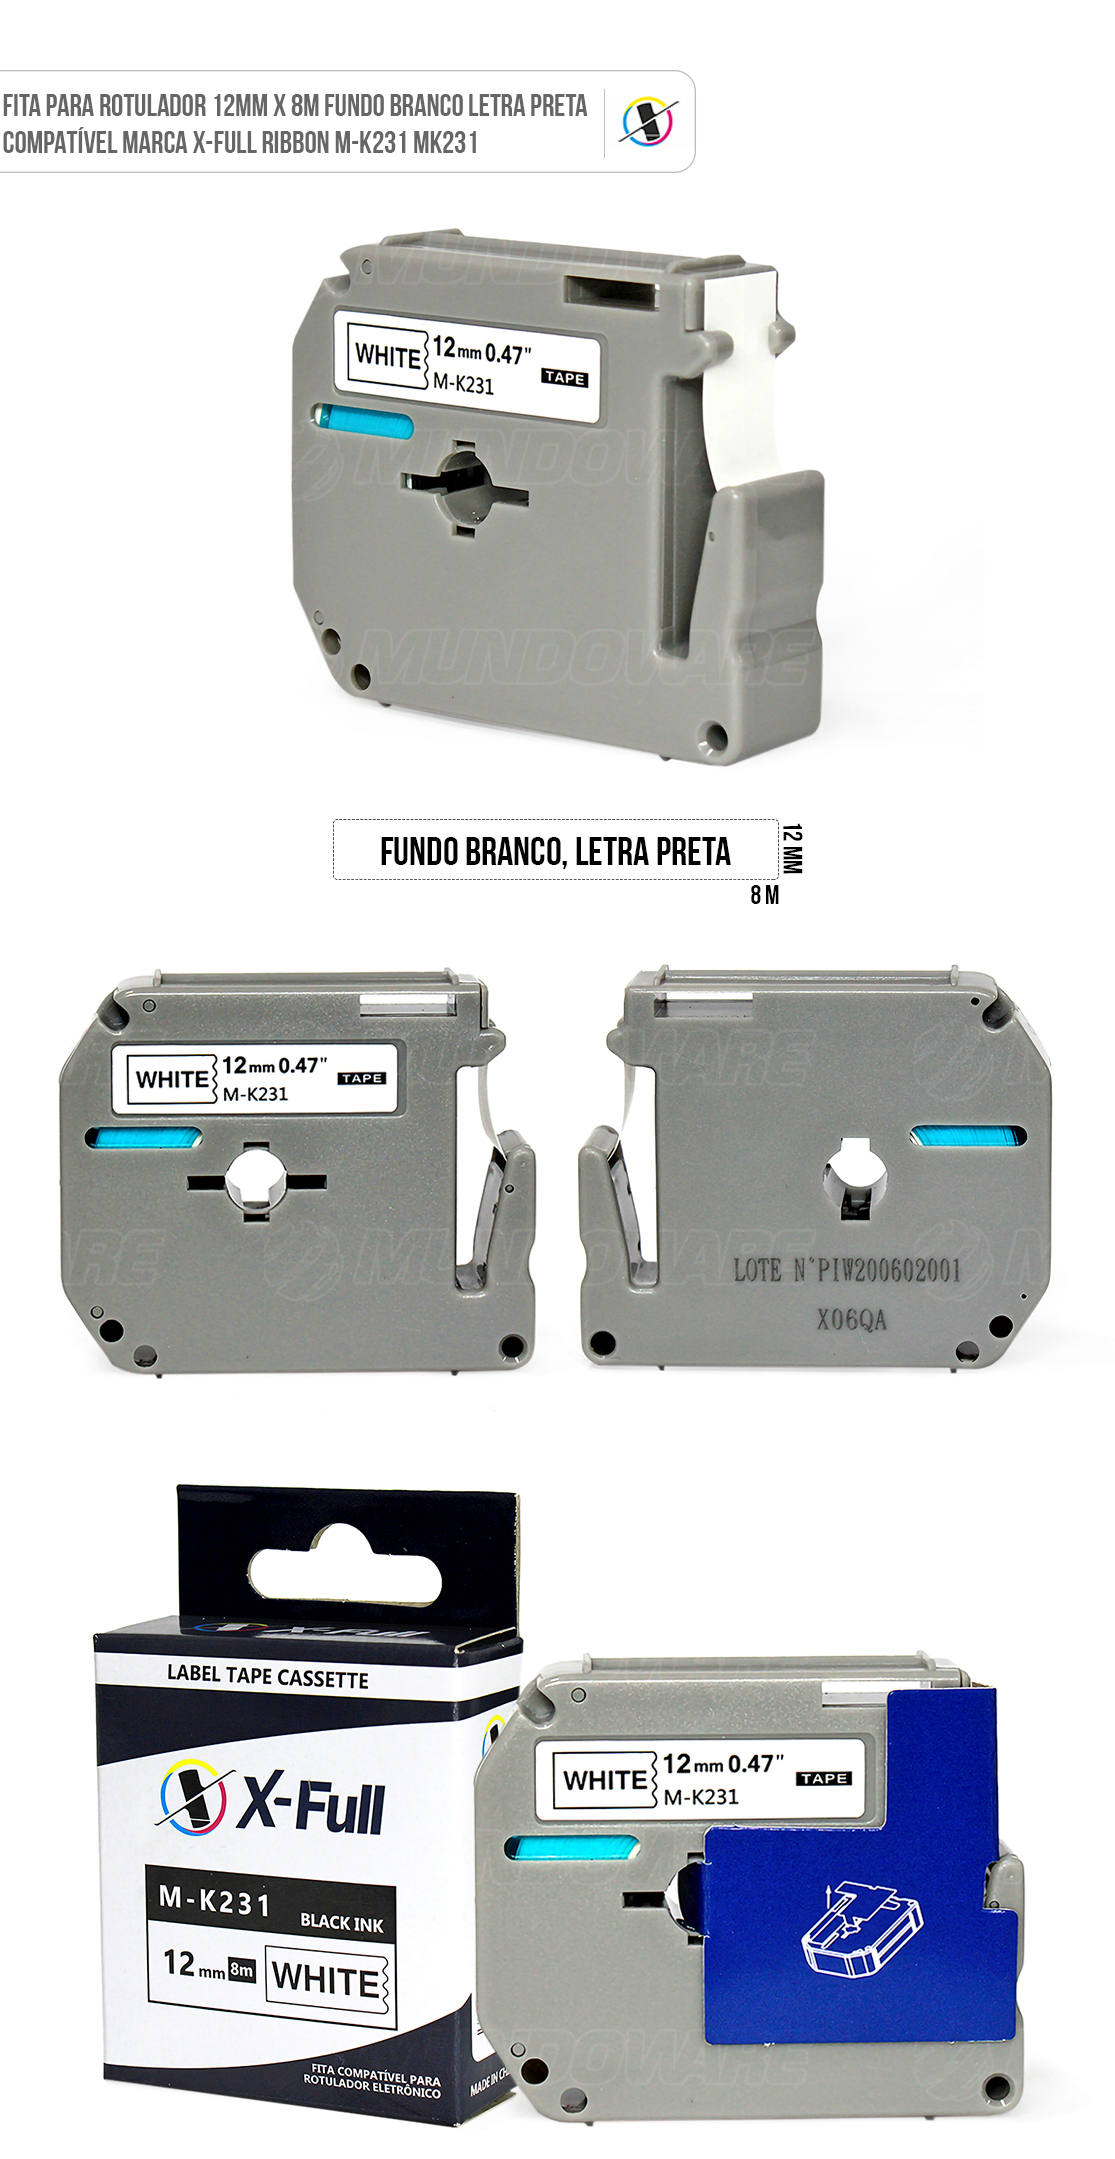 Fita Compatível para Rotulador Eletrônico 12mm x 8m Fundo Branco Letra Preta X-Full Ribbon M-K231 M231 MK231 para Brother PT-80 PT-70